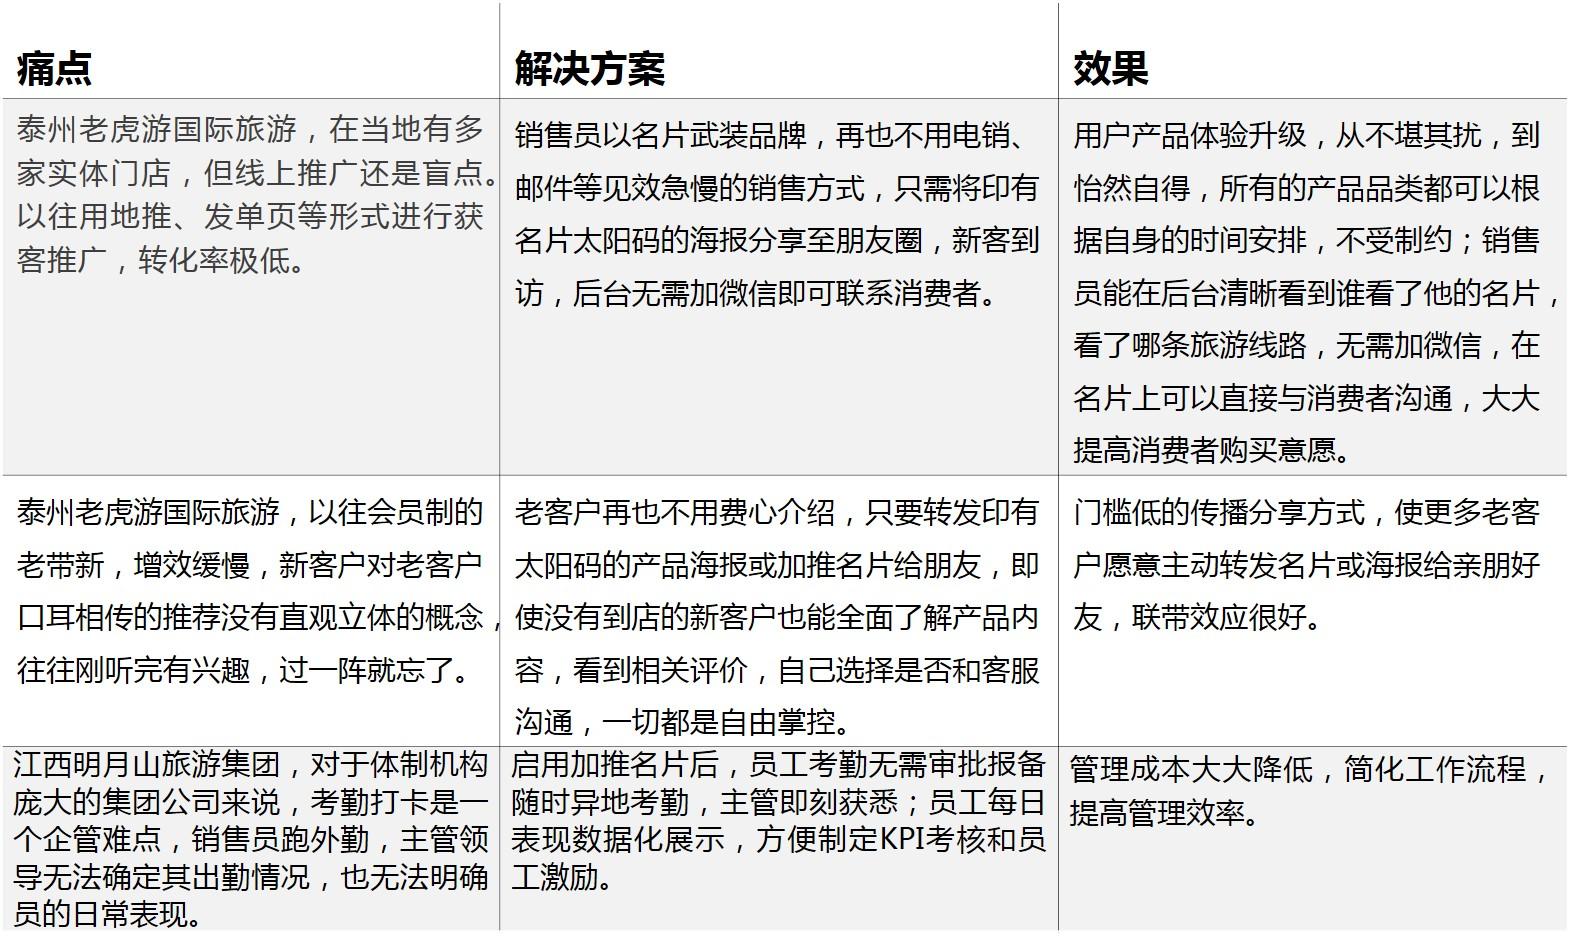 加推智能名片泰州老虎游案例.jpg